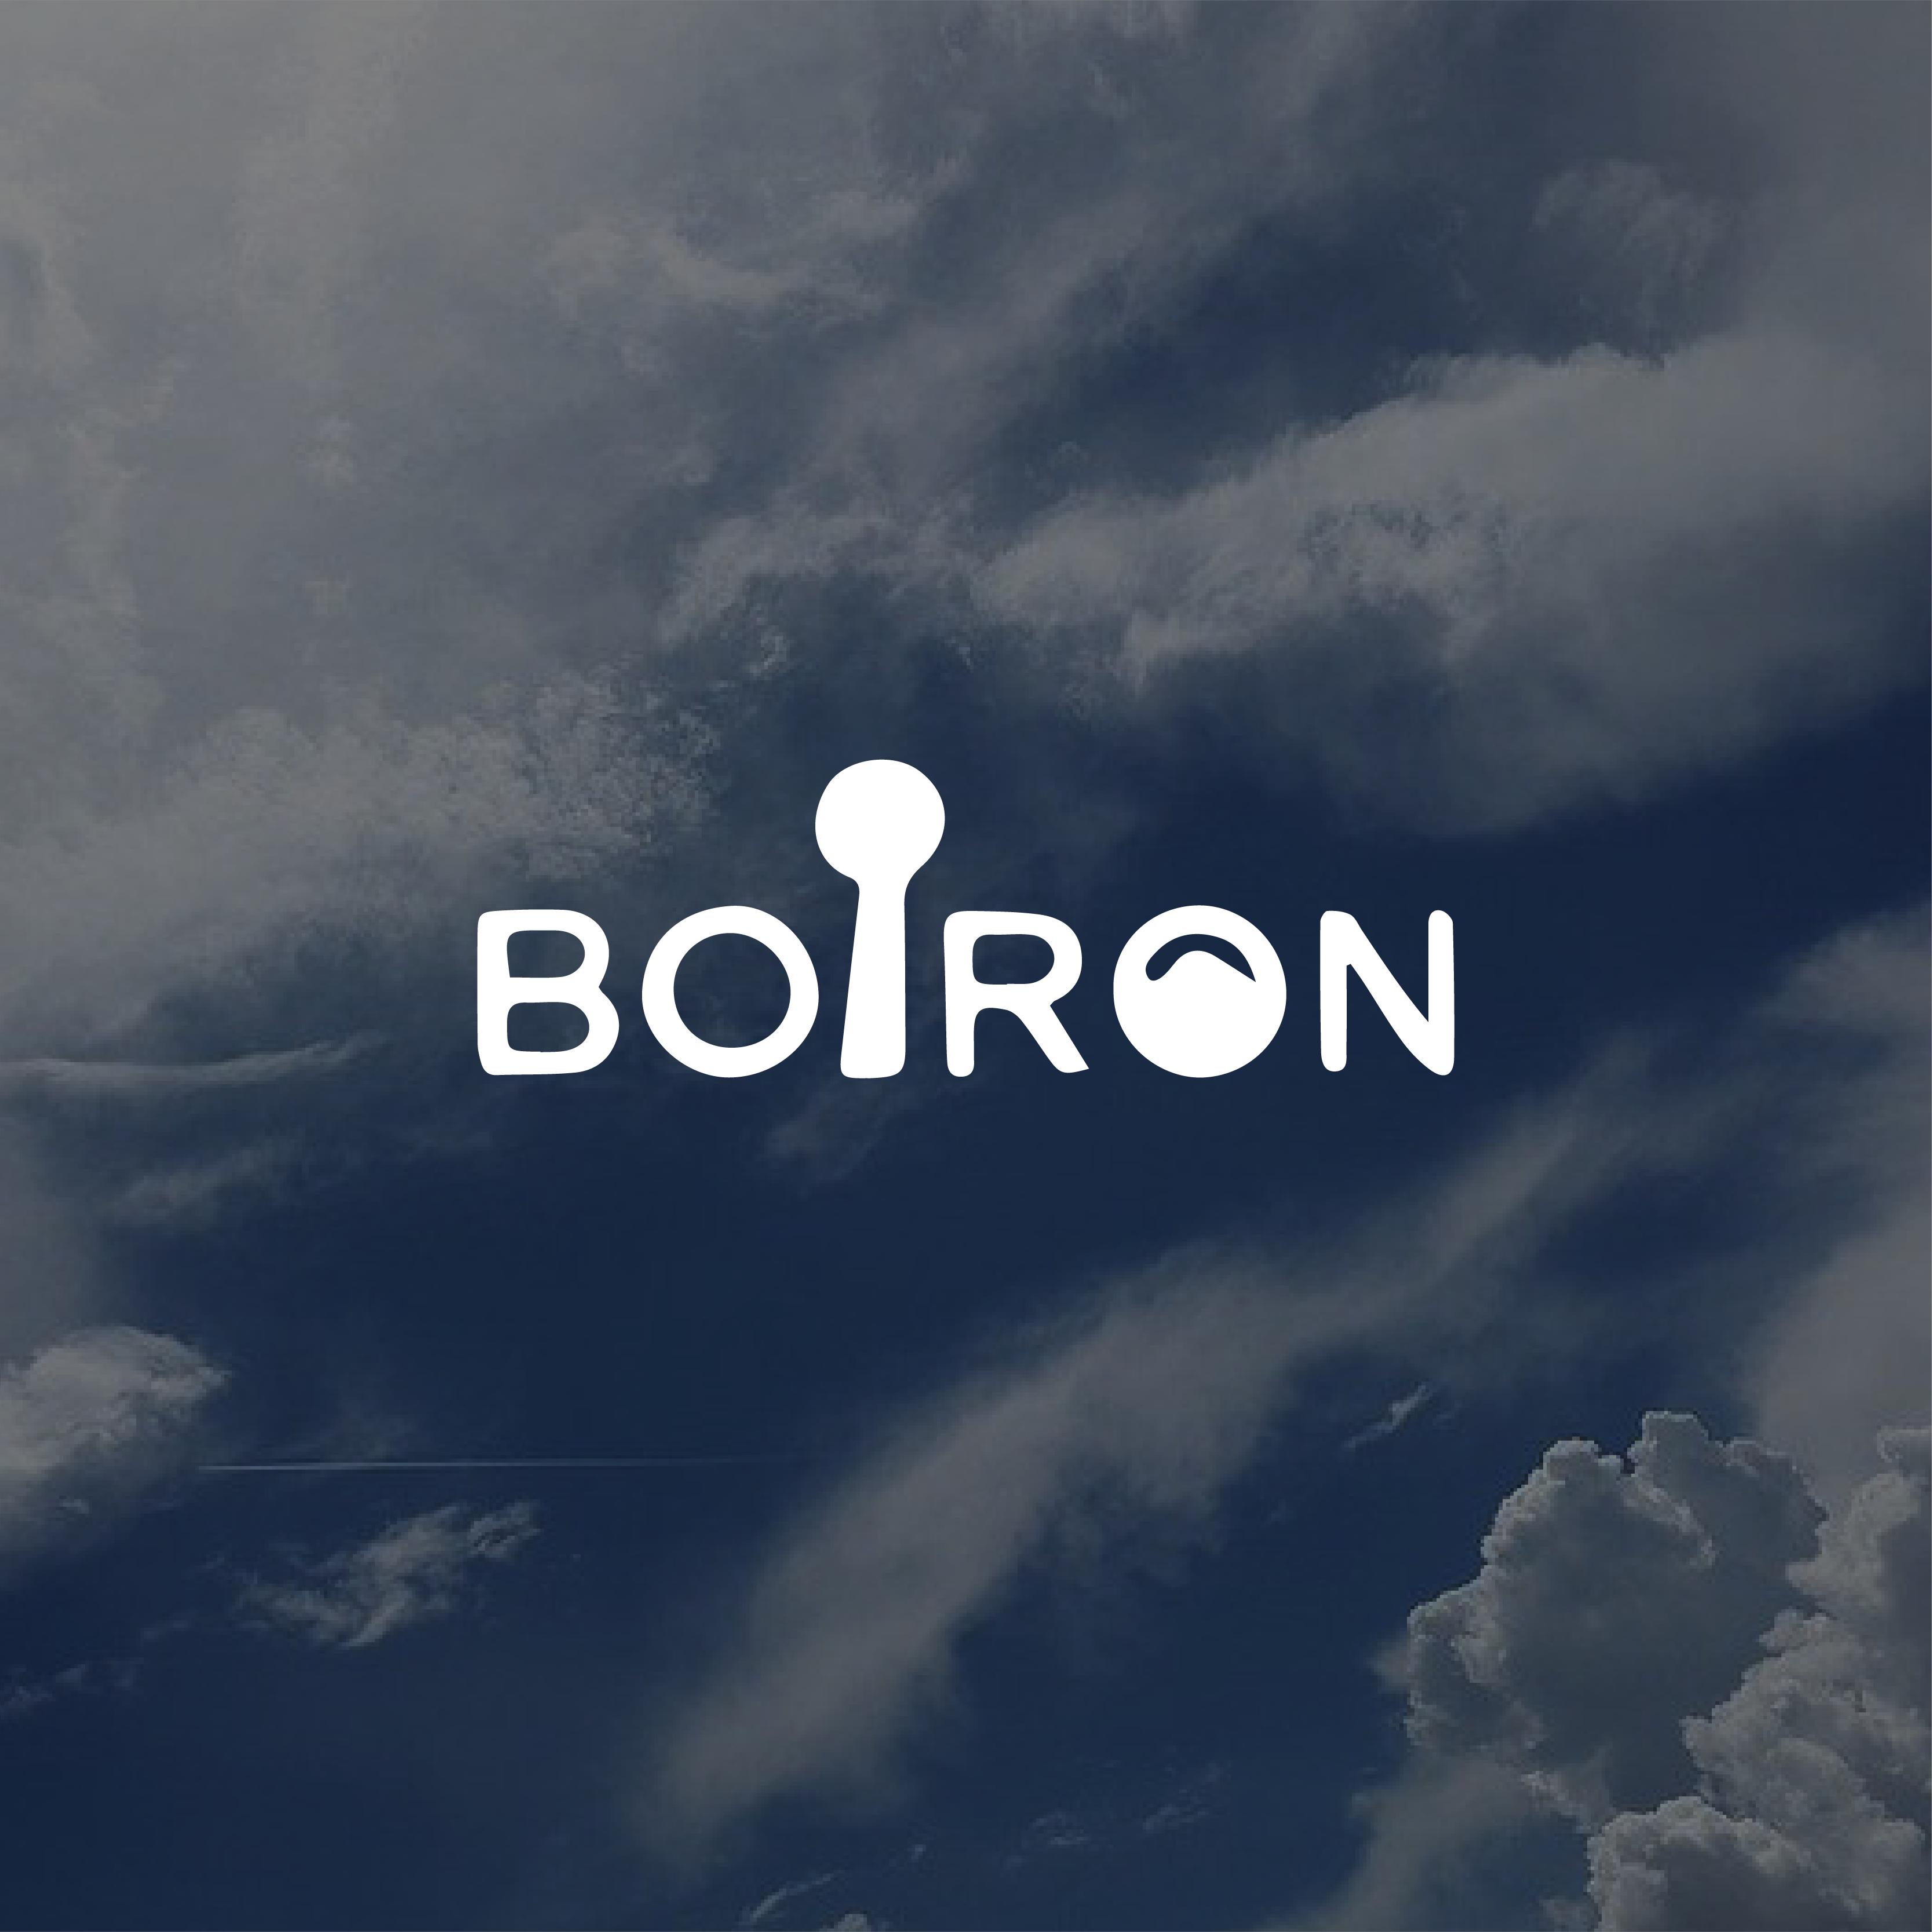 Website_Boiron